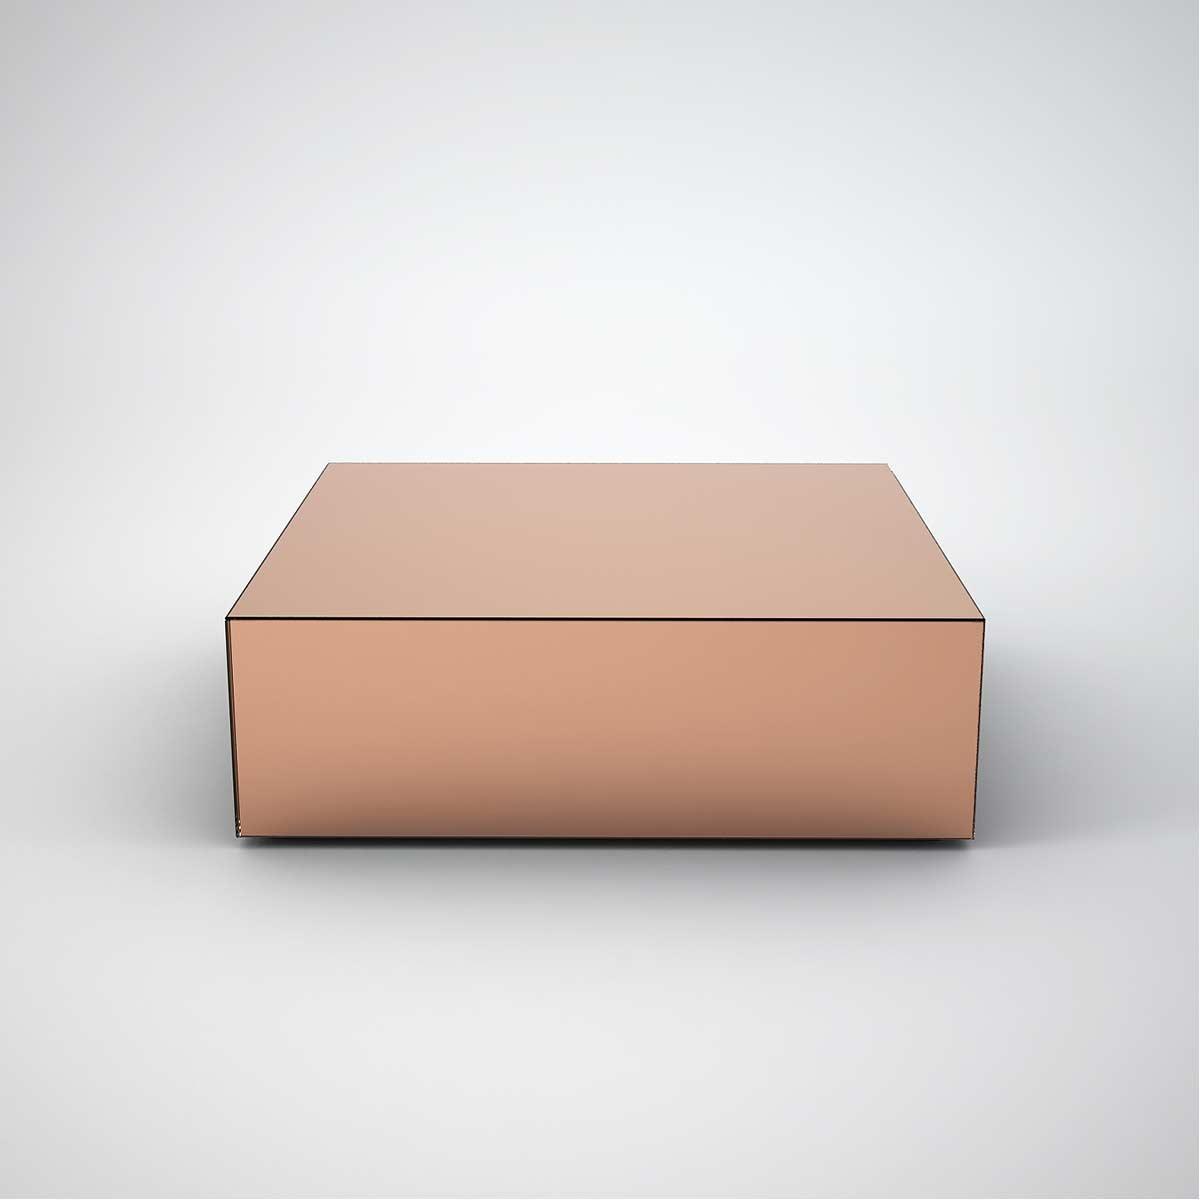 copper mirrored coffee table square